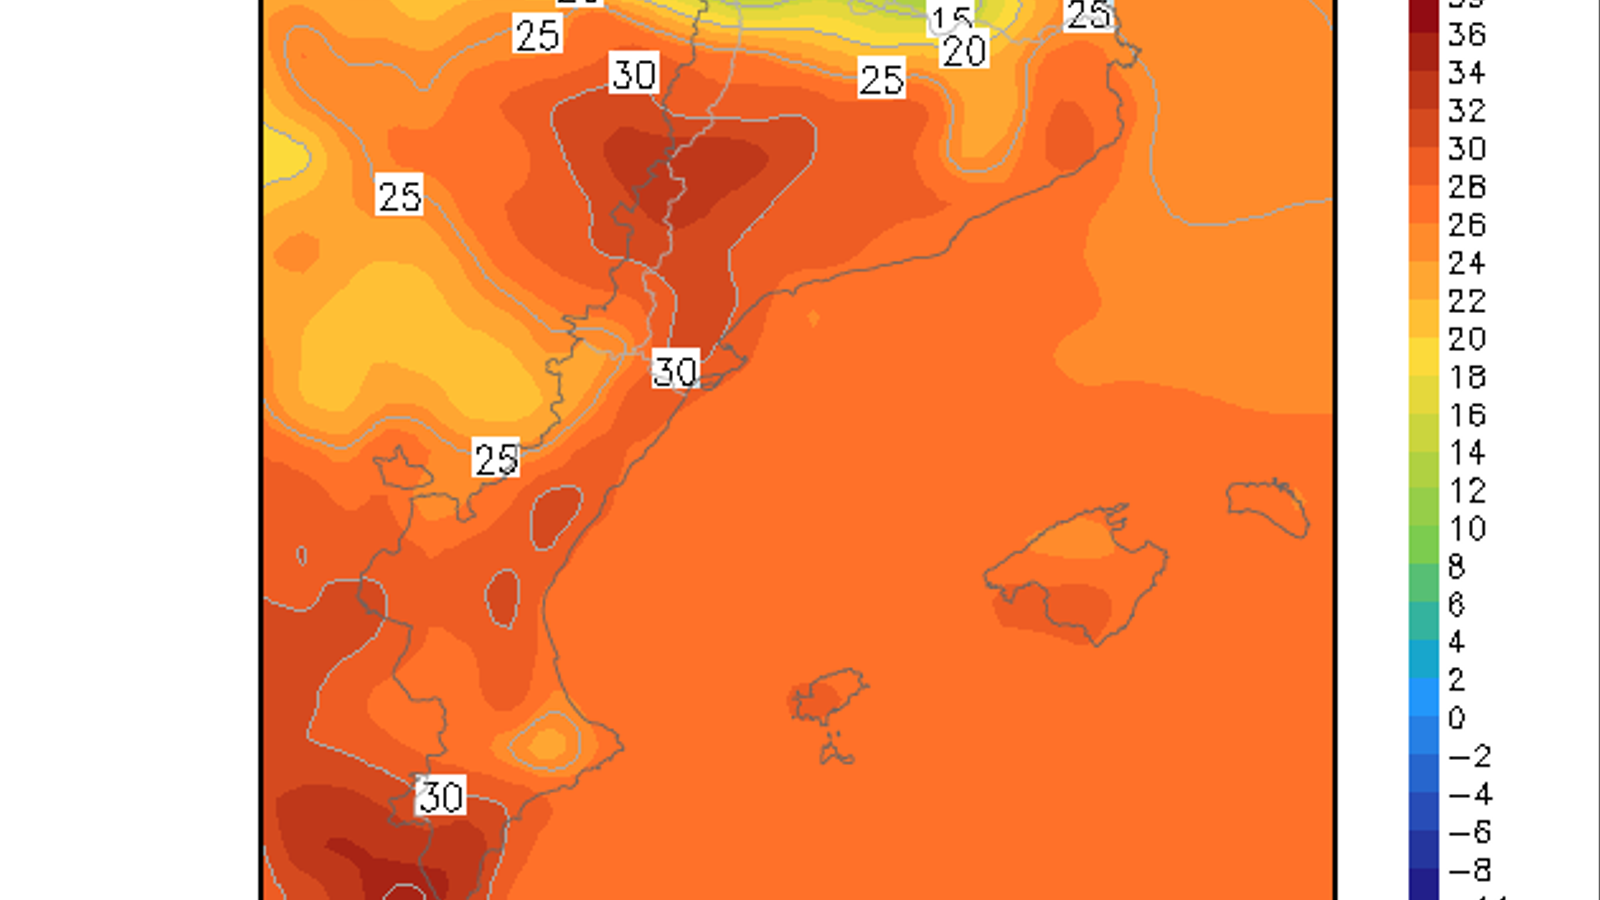 Temperatura màxima prevista per aquest dilluns / GFS 0.25 / ARA Méteo